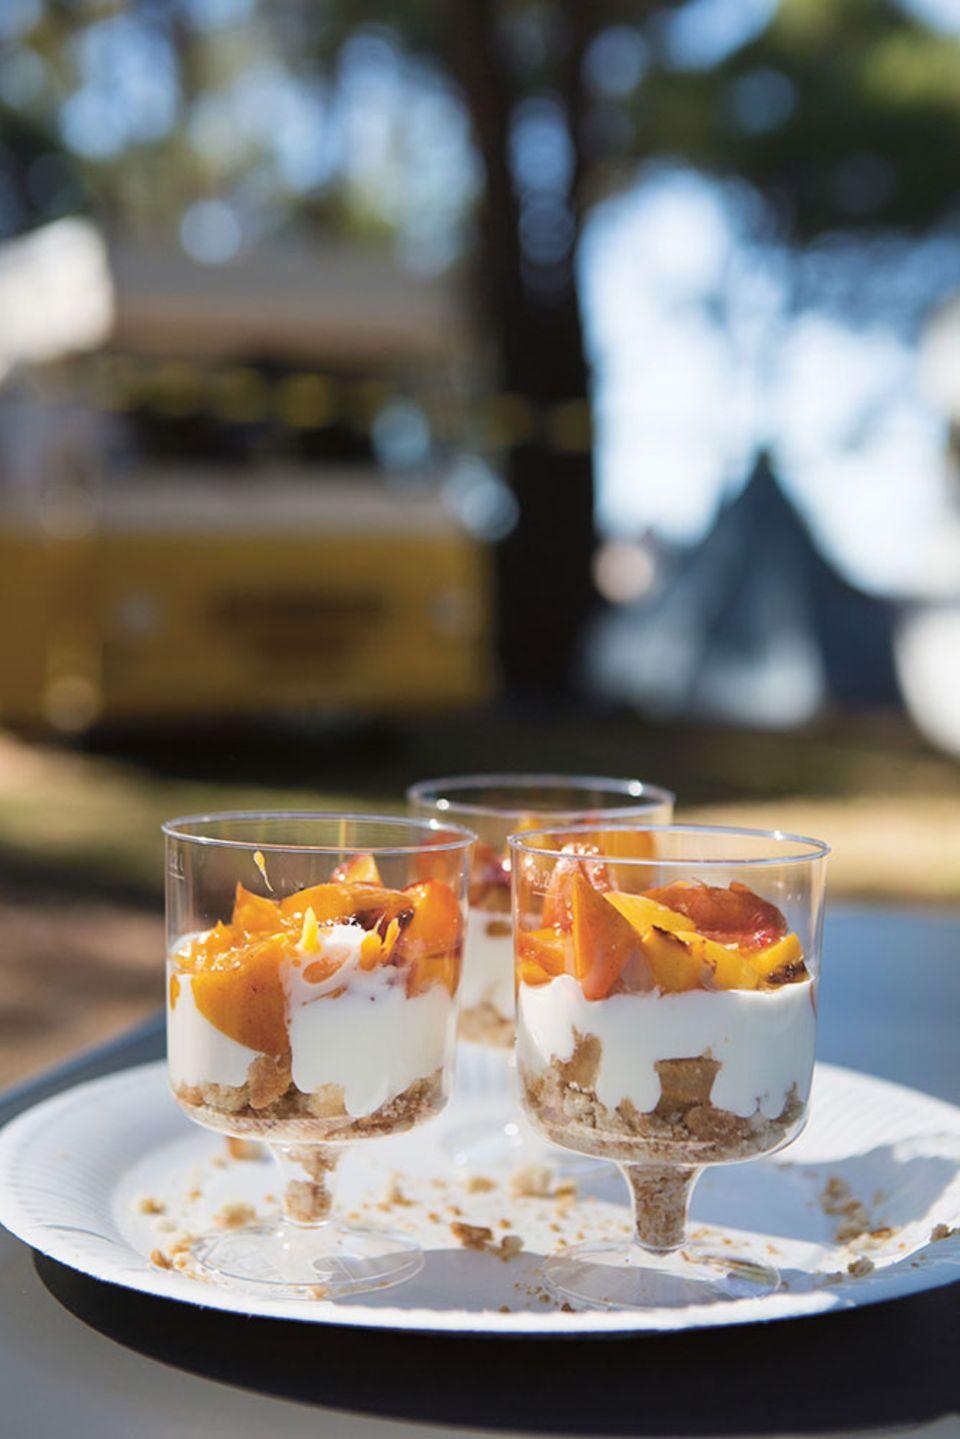 Rezept aus Open Air: Falscher Pfirsichkuchen